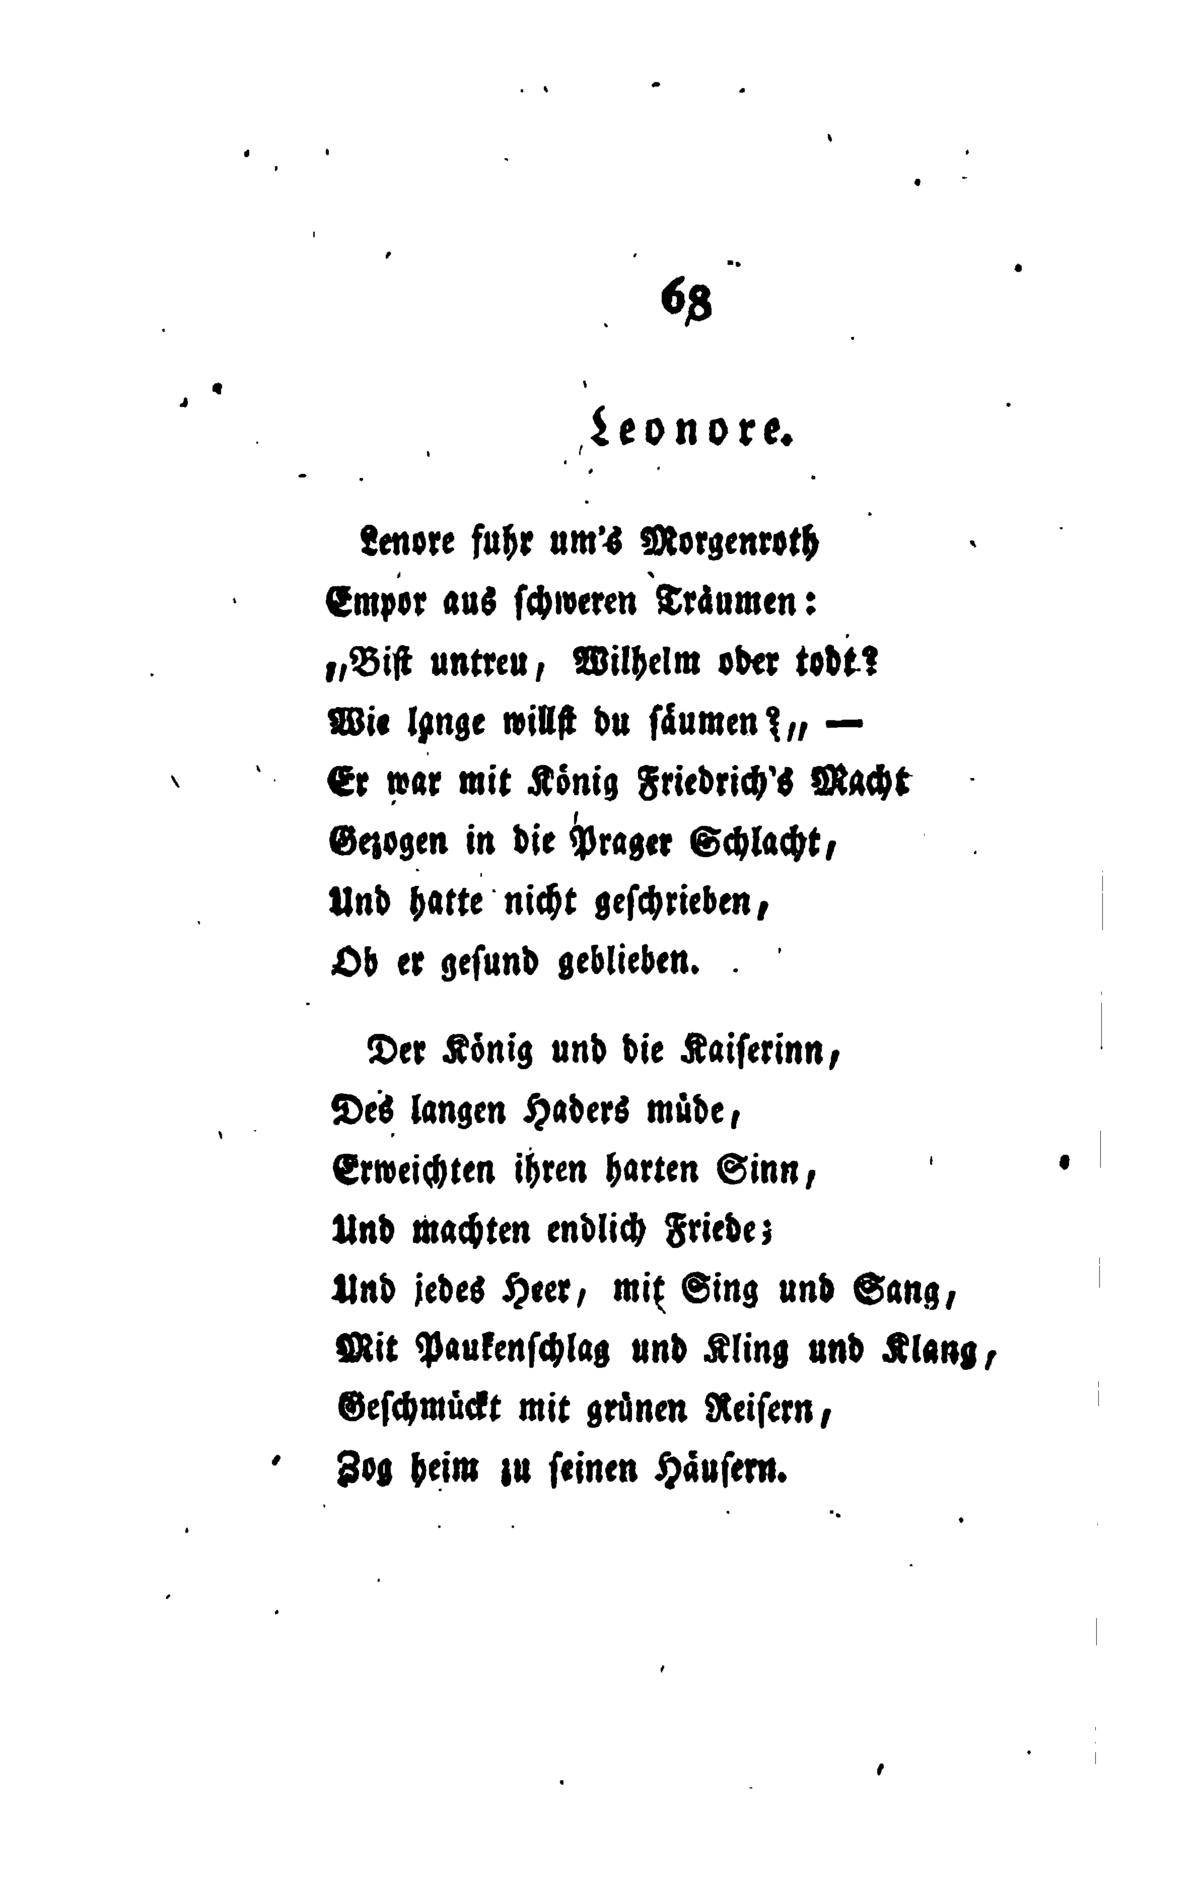 Lenore (ballad) - Wikipedia